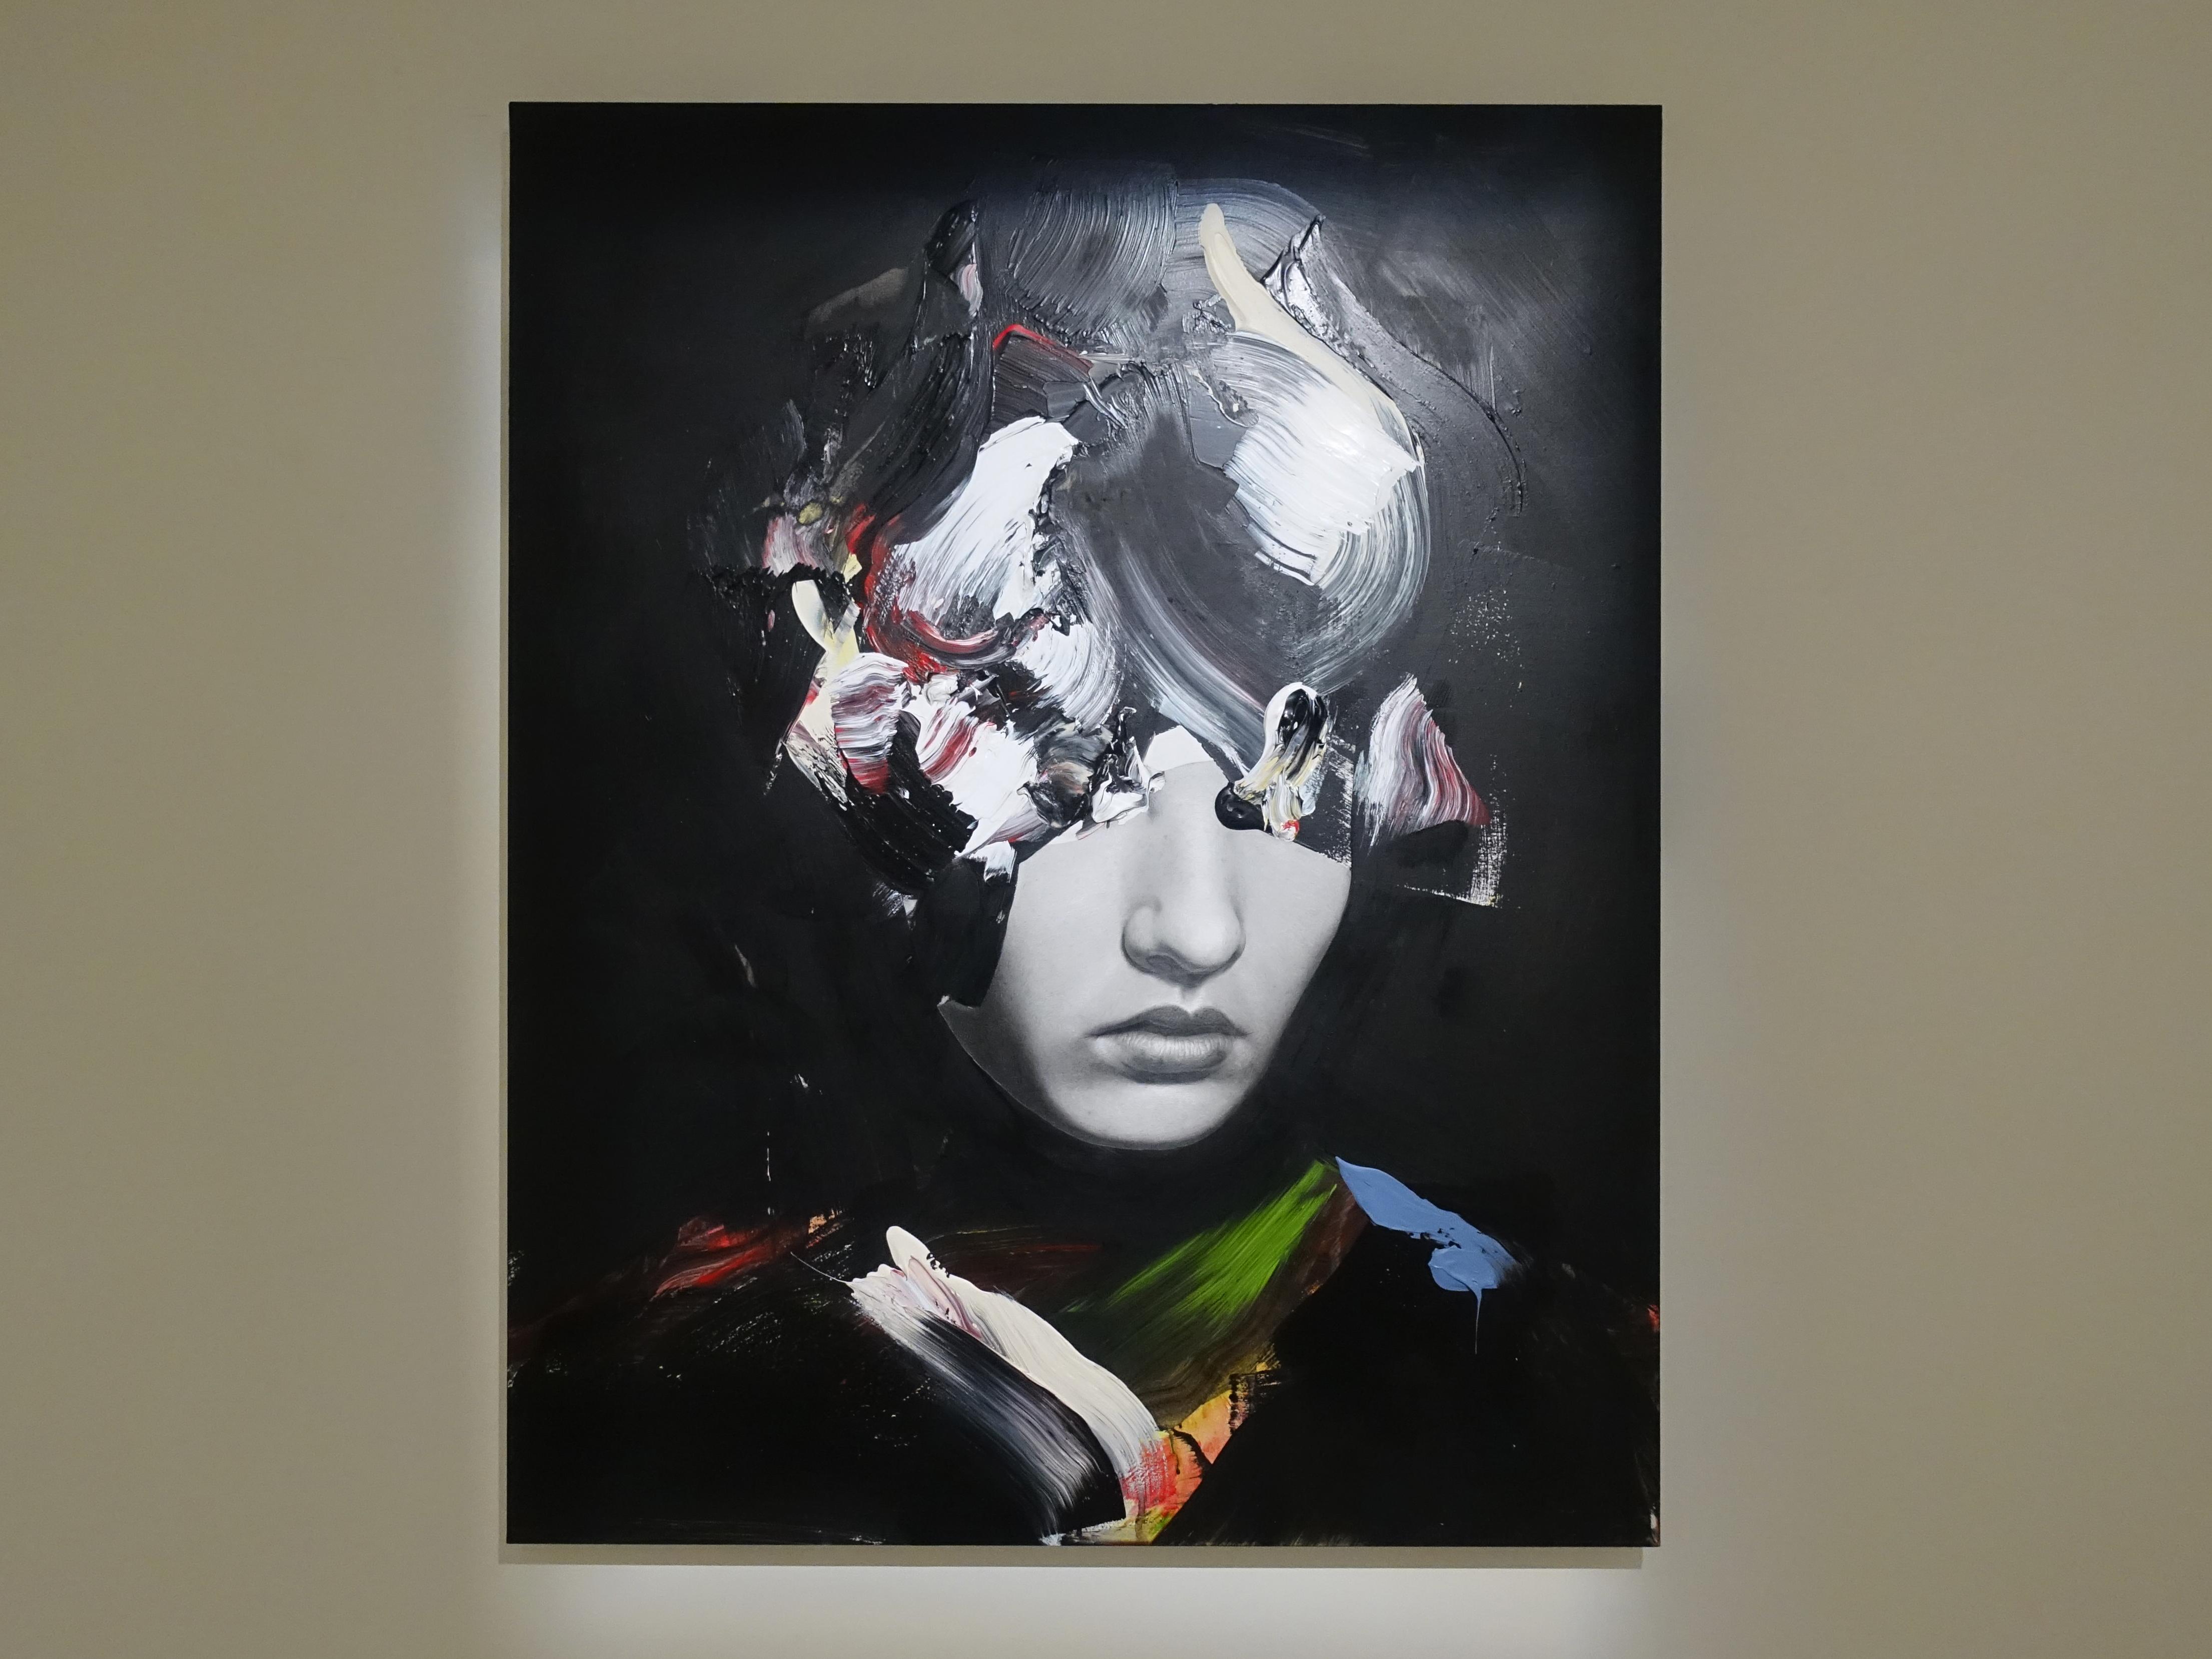 佐藤誠高,《Darkness》,98 x 97cm,鉛筆、壓克力、紙、木板,2019。